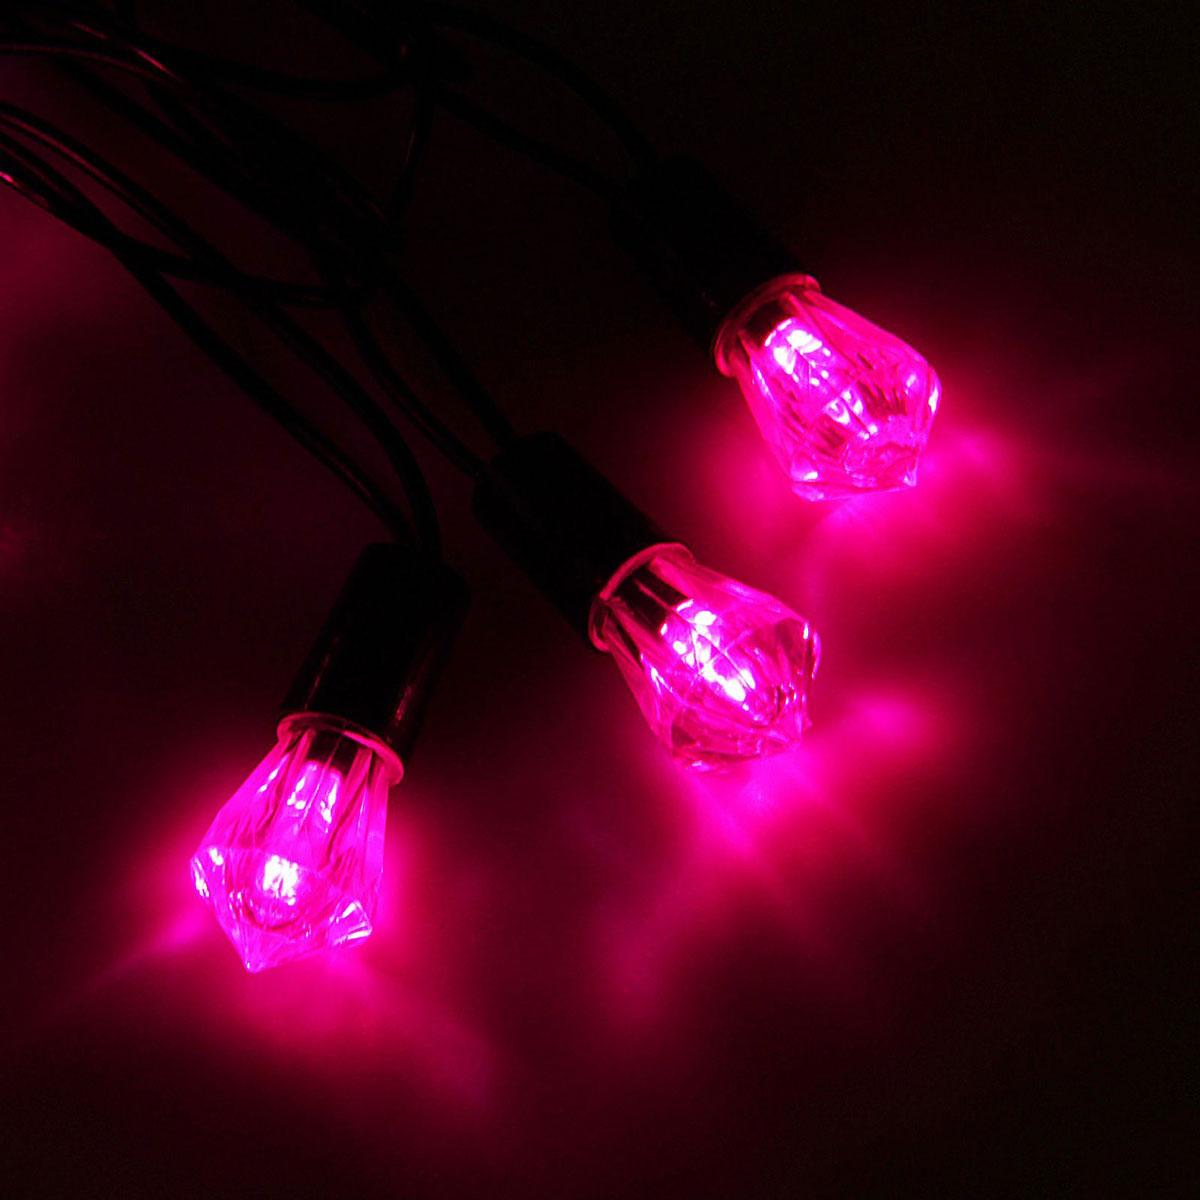 Гирлянда светодиодная Luazon Метраж. Хрусталь, уличная с насадкой, фиксинг, 40 ламп, 220 V, 5 м, цвет: розовый. 10800691080069Светодиодные гирлянды, ленты и т.д. — это отличный вариант для новогоднего оформления интерьера или фасада. С их помощью помещение любого размера можно превратить в праздничный зал, а внешние элементы зданий, украшенные ими, мгновенно станут напоминать очертания сказочного дворца. Такие украшения создают ауру предвкушения чуда. Деревья, фасады, витрины, окна и арки будто специально созданы, чтобы вы украсили их светящимися нитями.